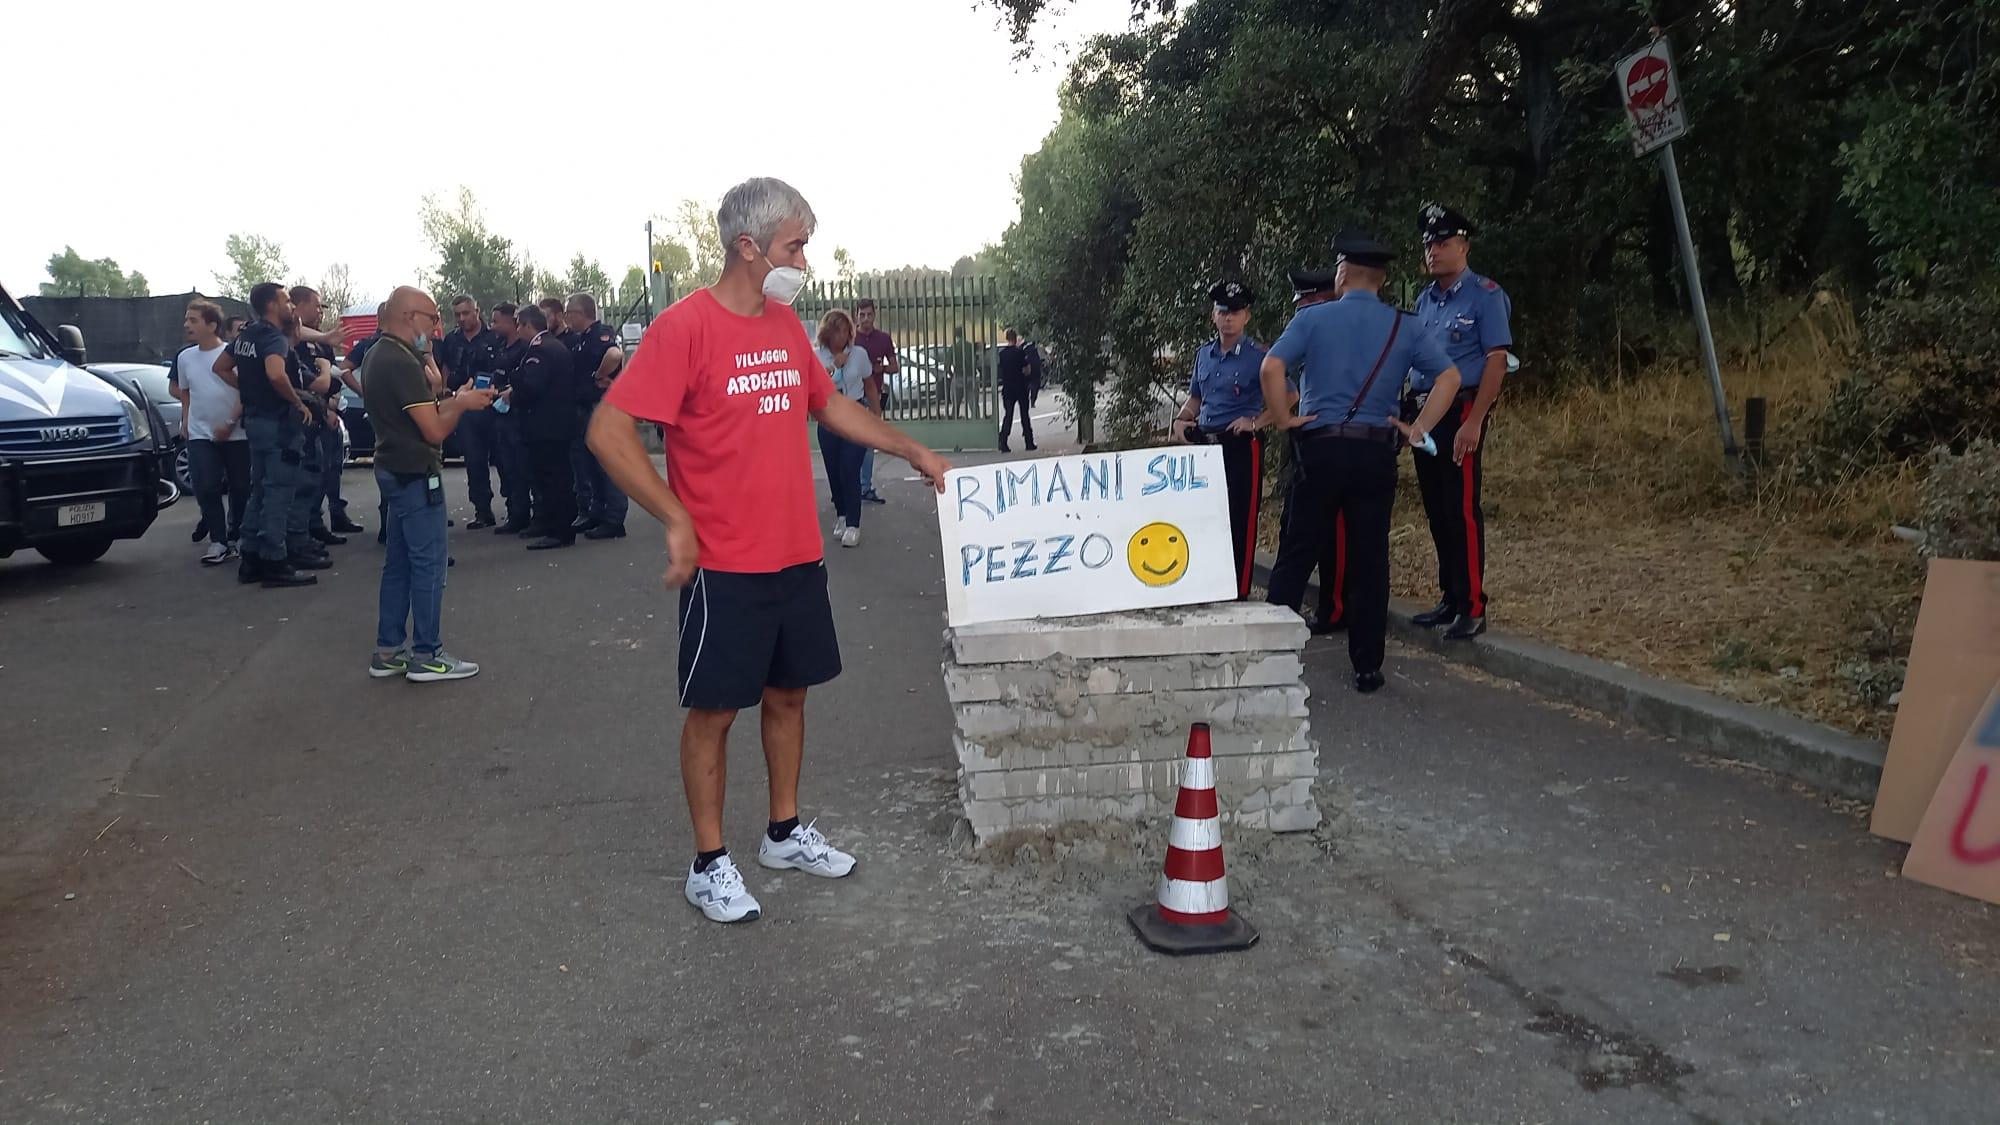 Albano, discarica ferma per irregolarità sulla sicurezza del  lavoro: costruito muretto davanti all'ingresso, interviene la polizia